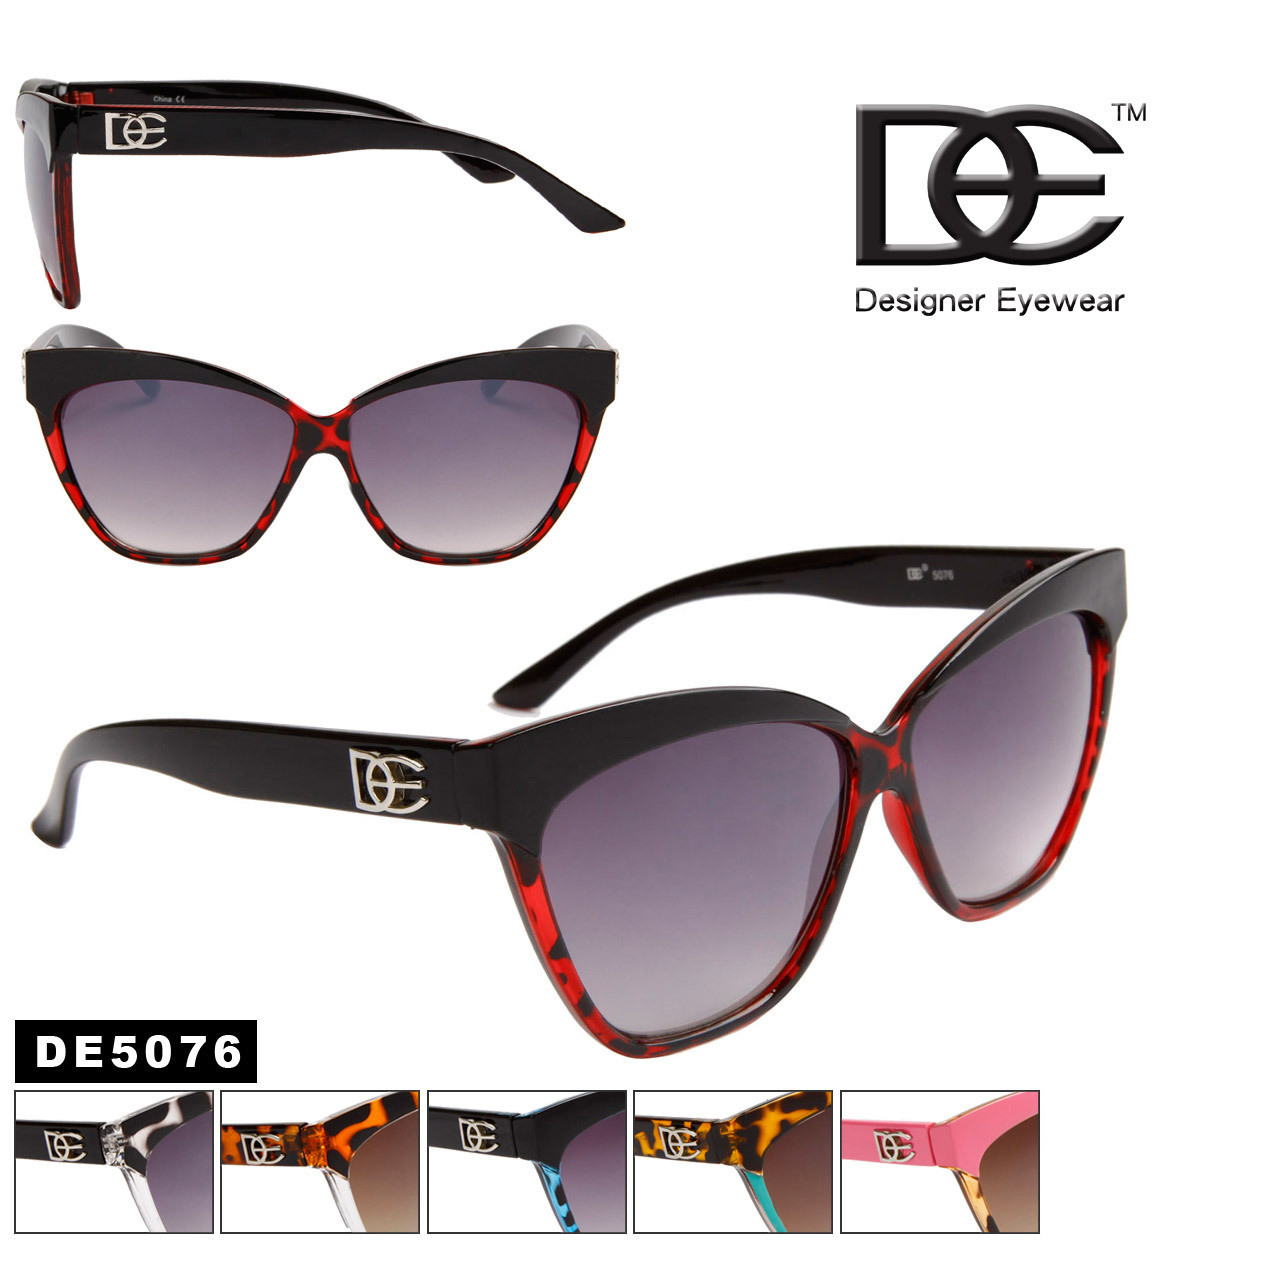 Designer DE™ Cat Eye Sunglasses Wholesale - Style # DE5076 (12 pcs.)